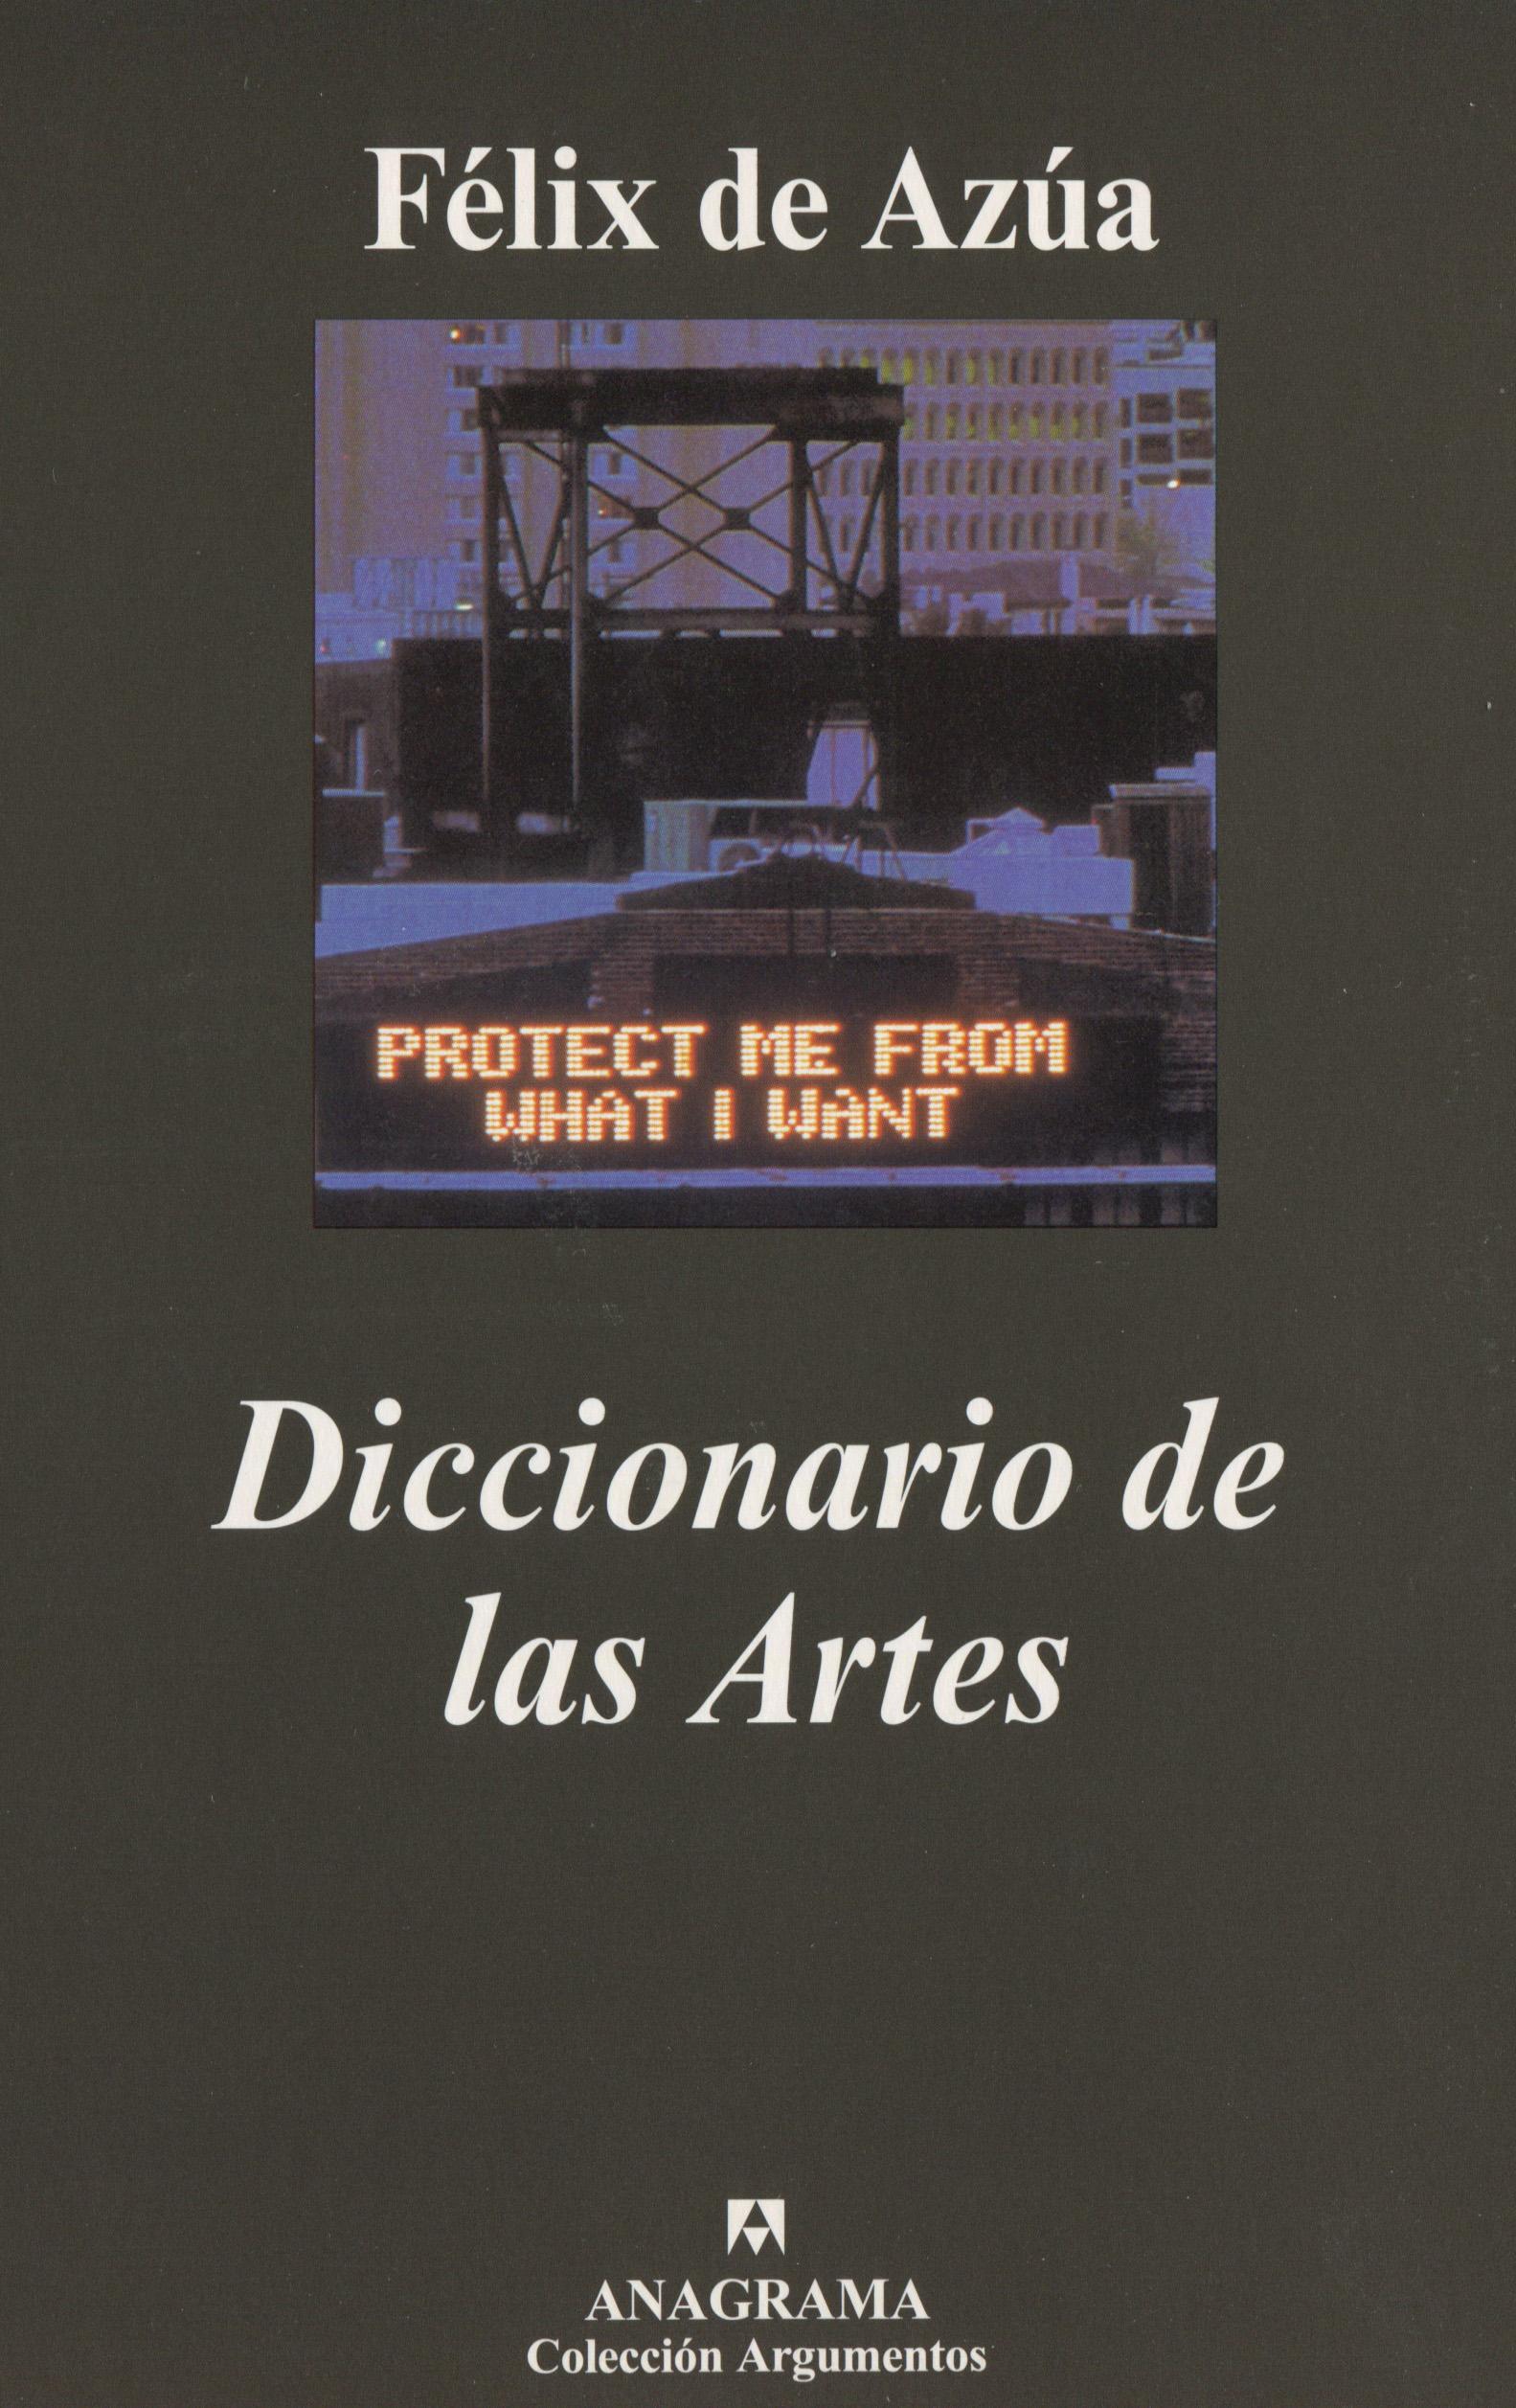 Diccionario de las Artes - Azúa, Félix de - 978-84-339